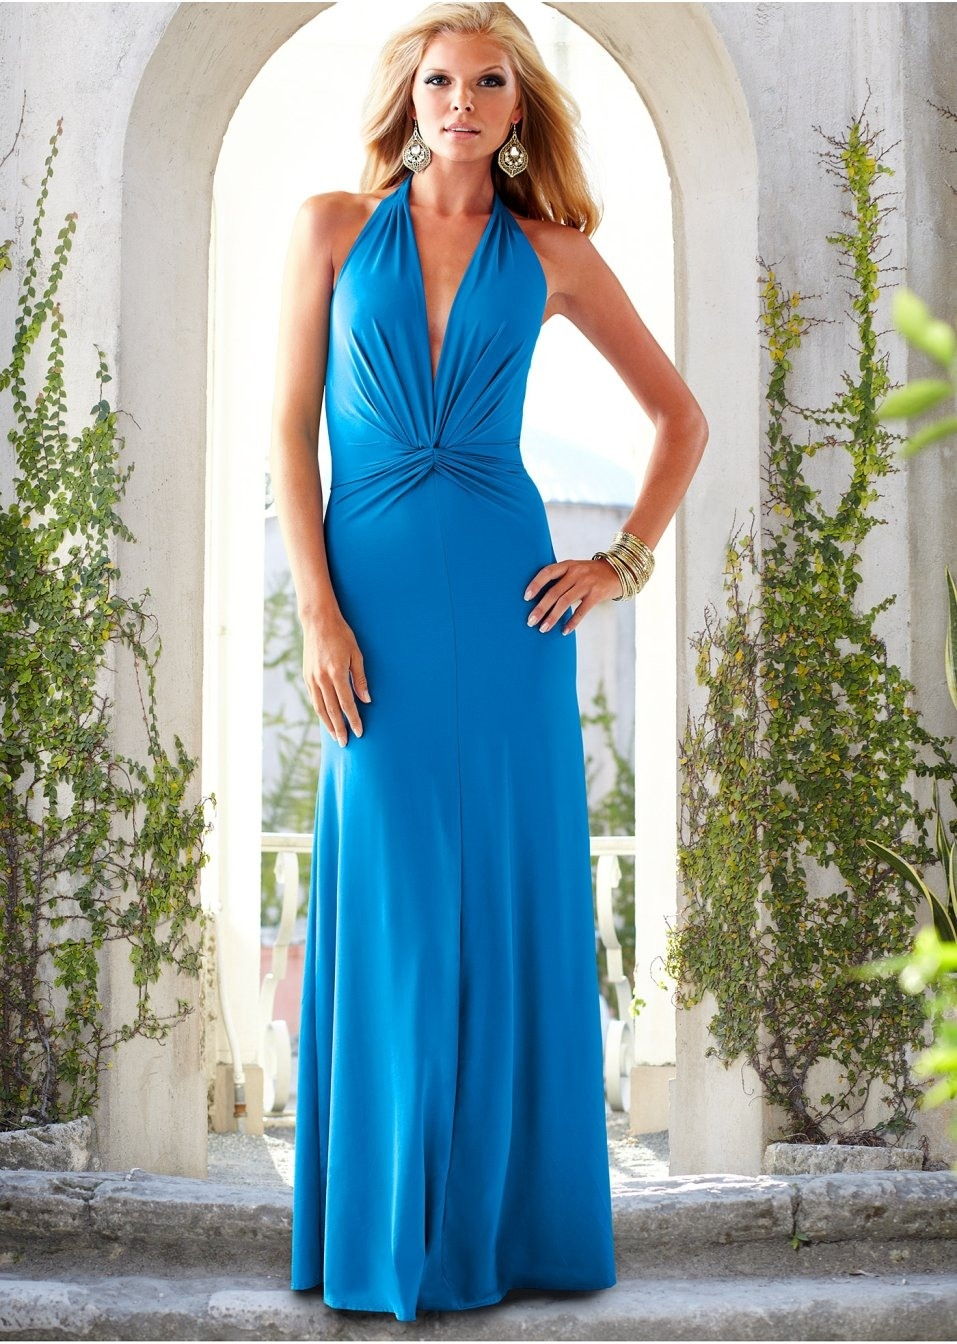 Abend Leicht Günstige Elegante Abendkleider SpezialgebietFormal Einzigartig Günstige Elegante Abendkleider für 2019